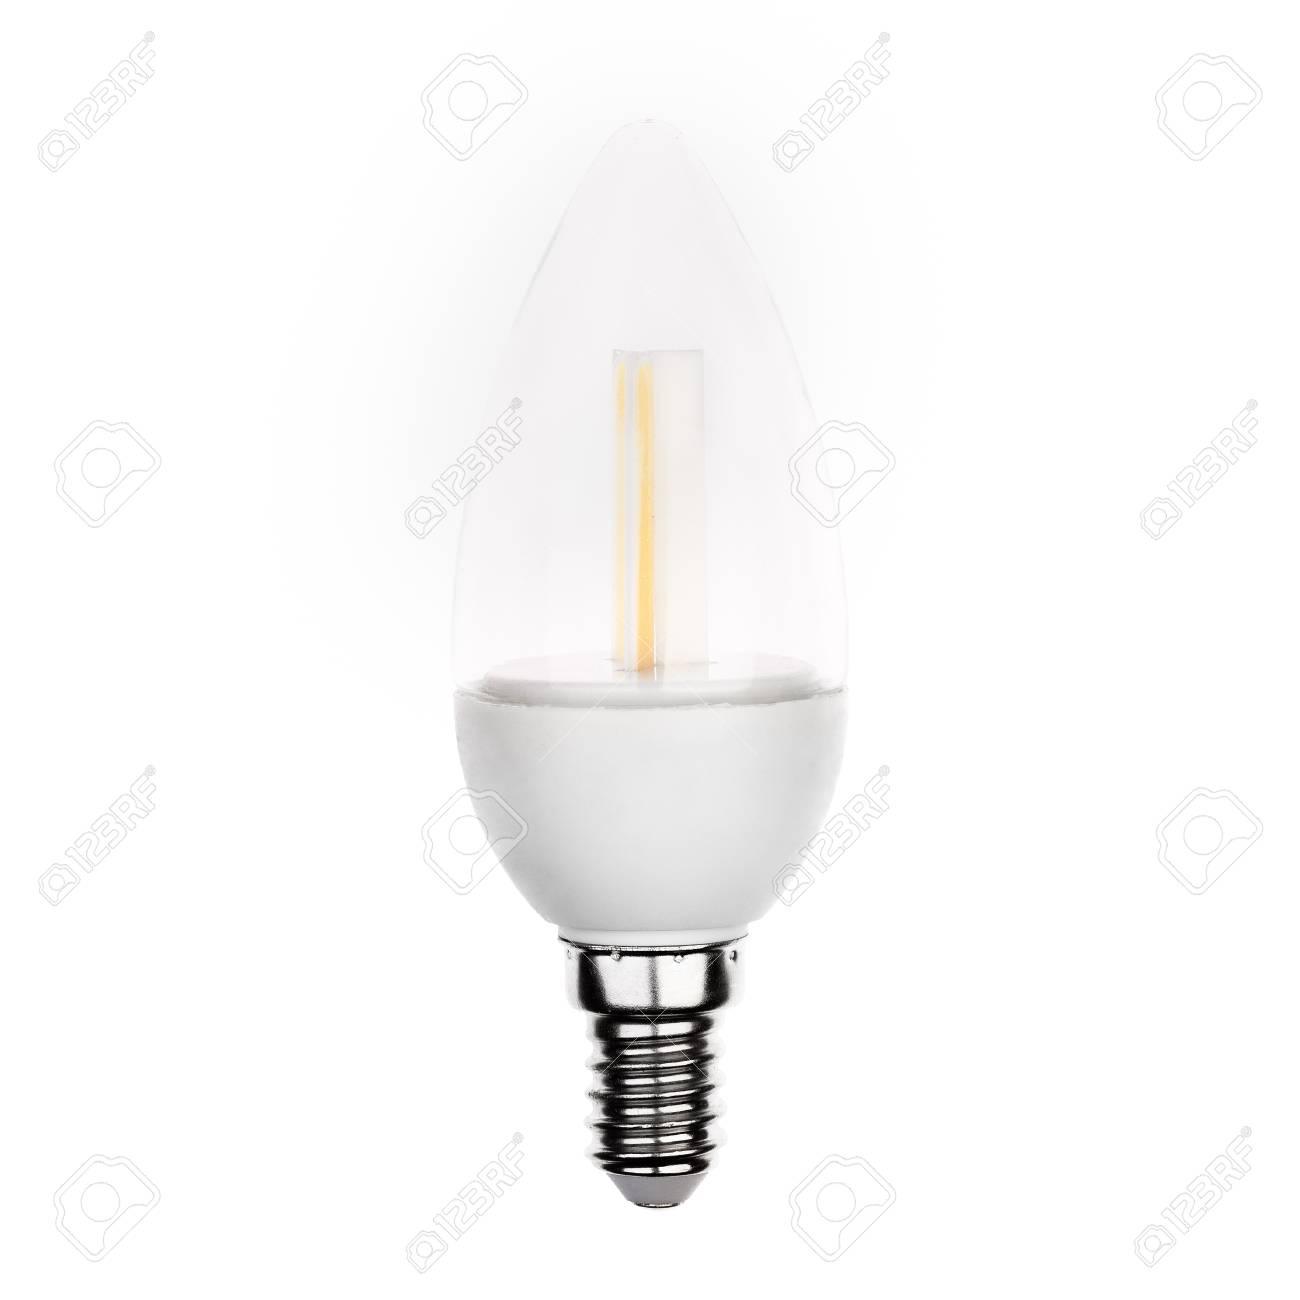 Led Geïsoleerd Wit Kaars Op Vorm Reflecteren En Wordt Nieuwste Lamp In De OmN8nv0w